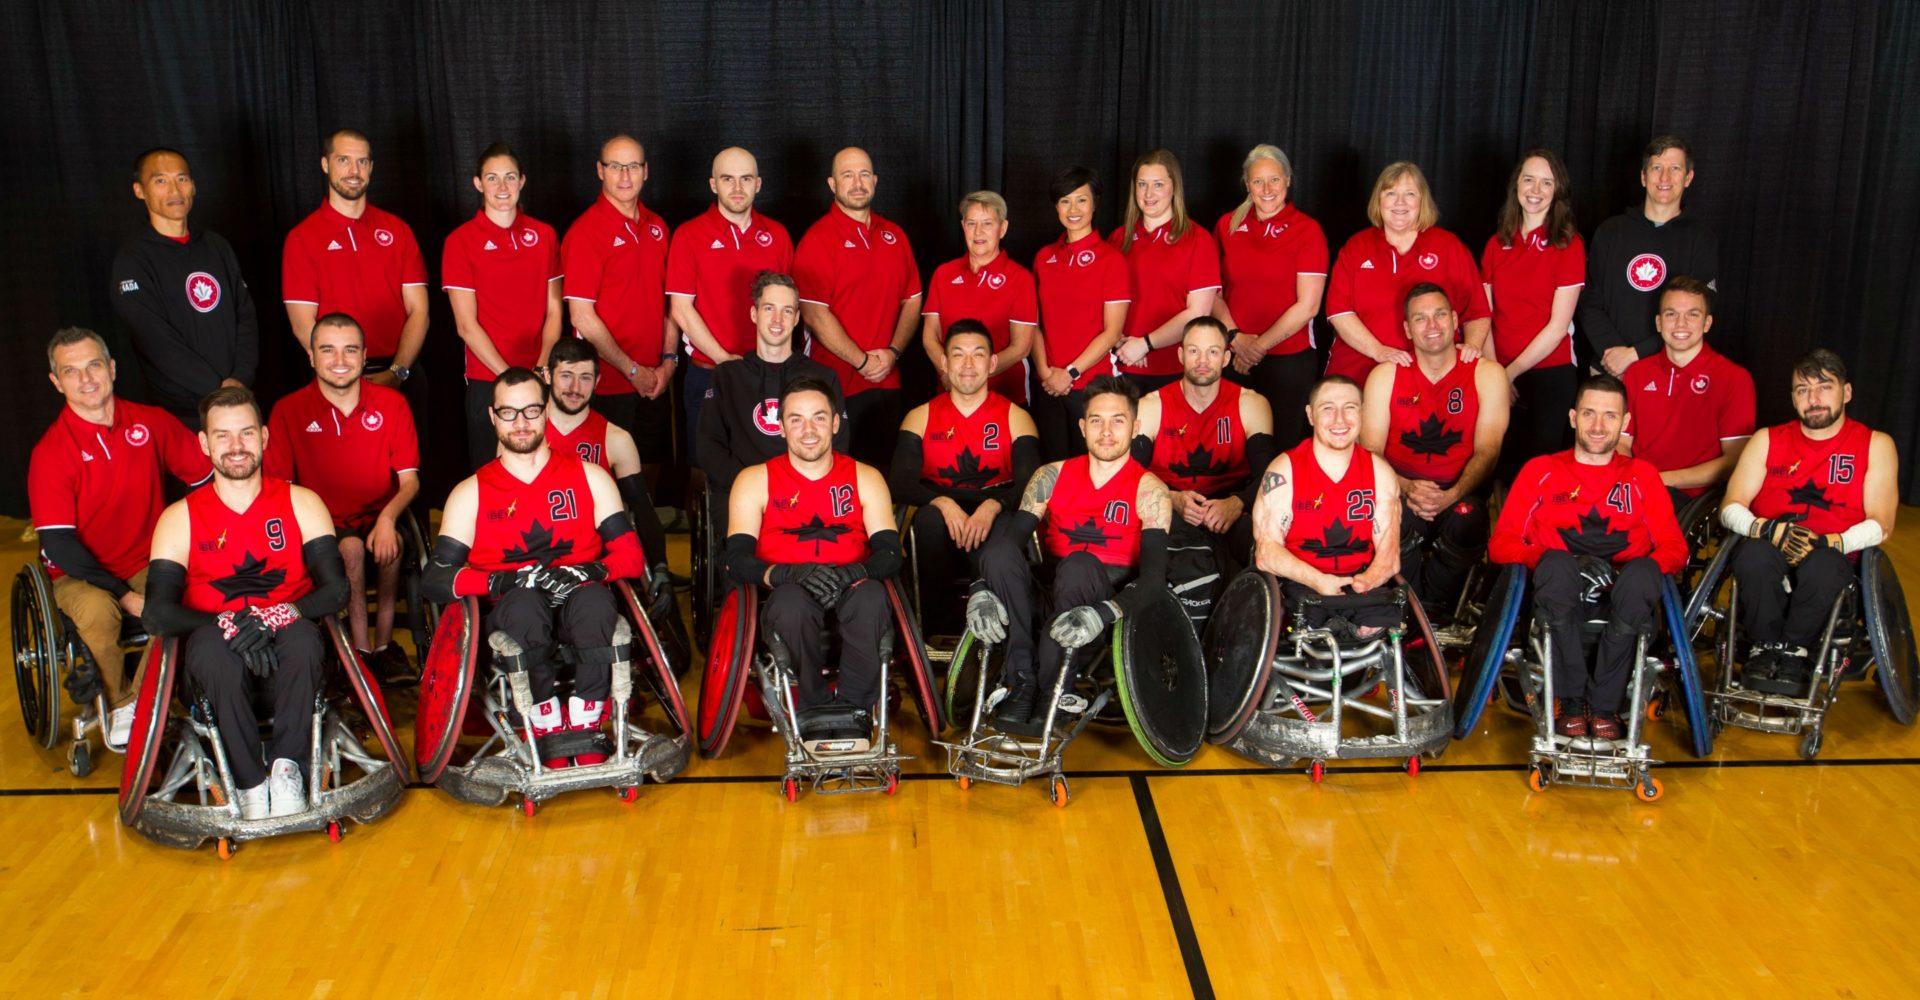 Rugby en fauteuil roulant Canada annonce son équipe pour le Championnat du monde de rugby en fauteuil roulant de 2018